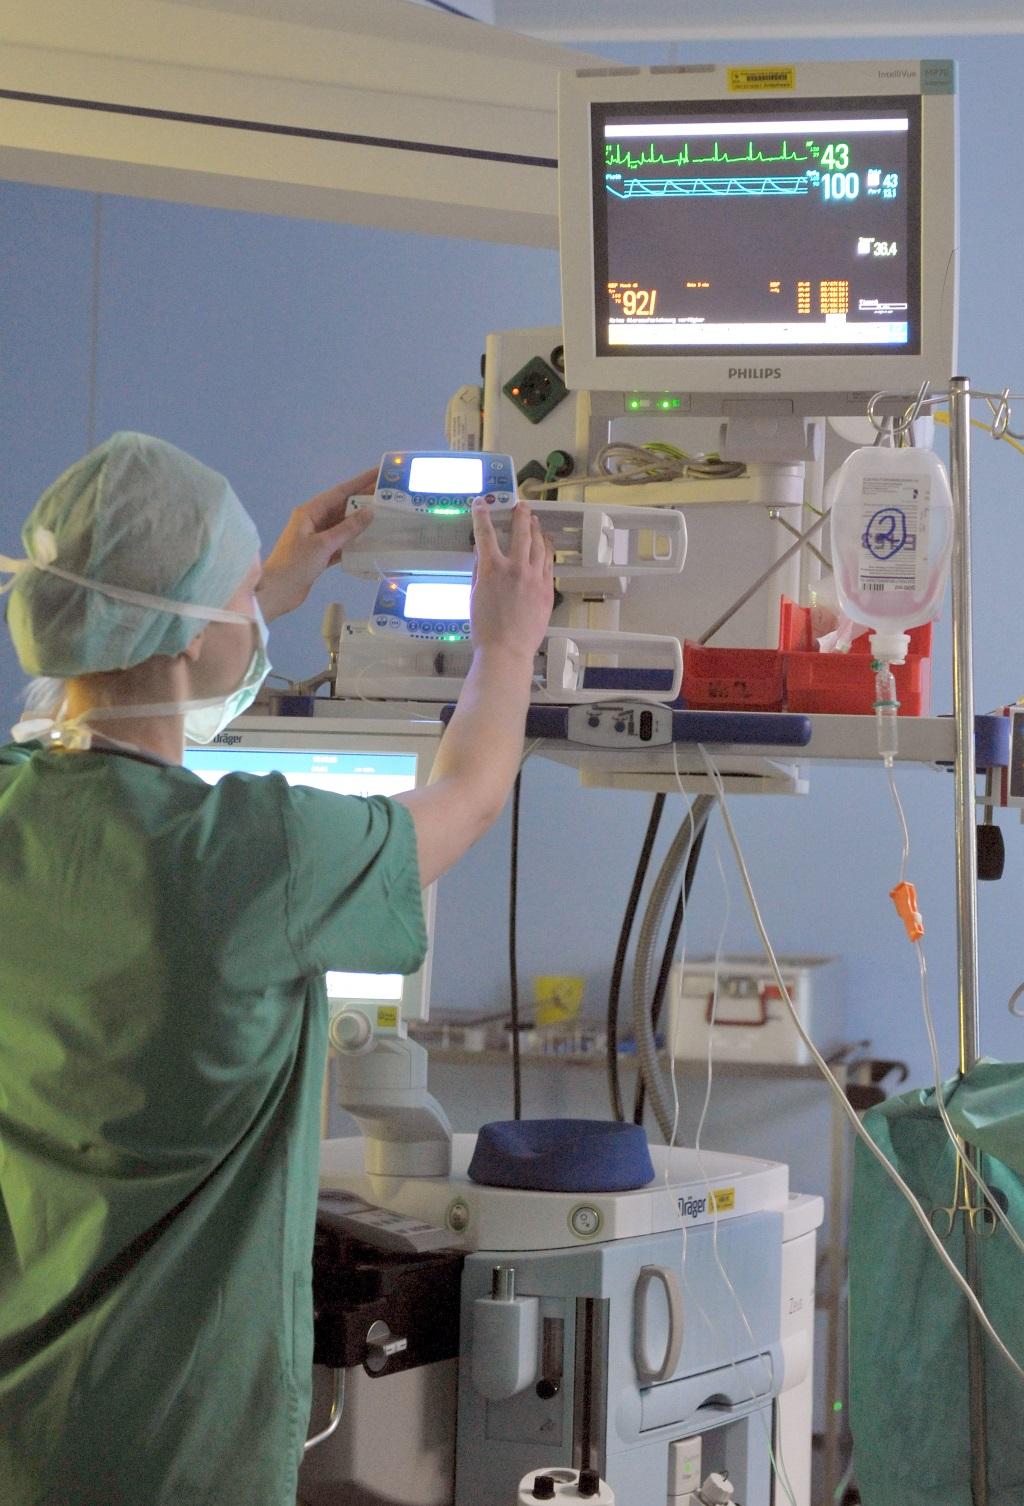 Punktlandung erwünscht: Im OP kommt es auf die genaueste Medikamentendosierung an. (Foto: Thomas Götz)